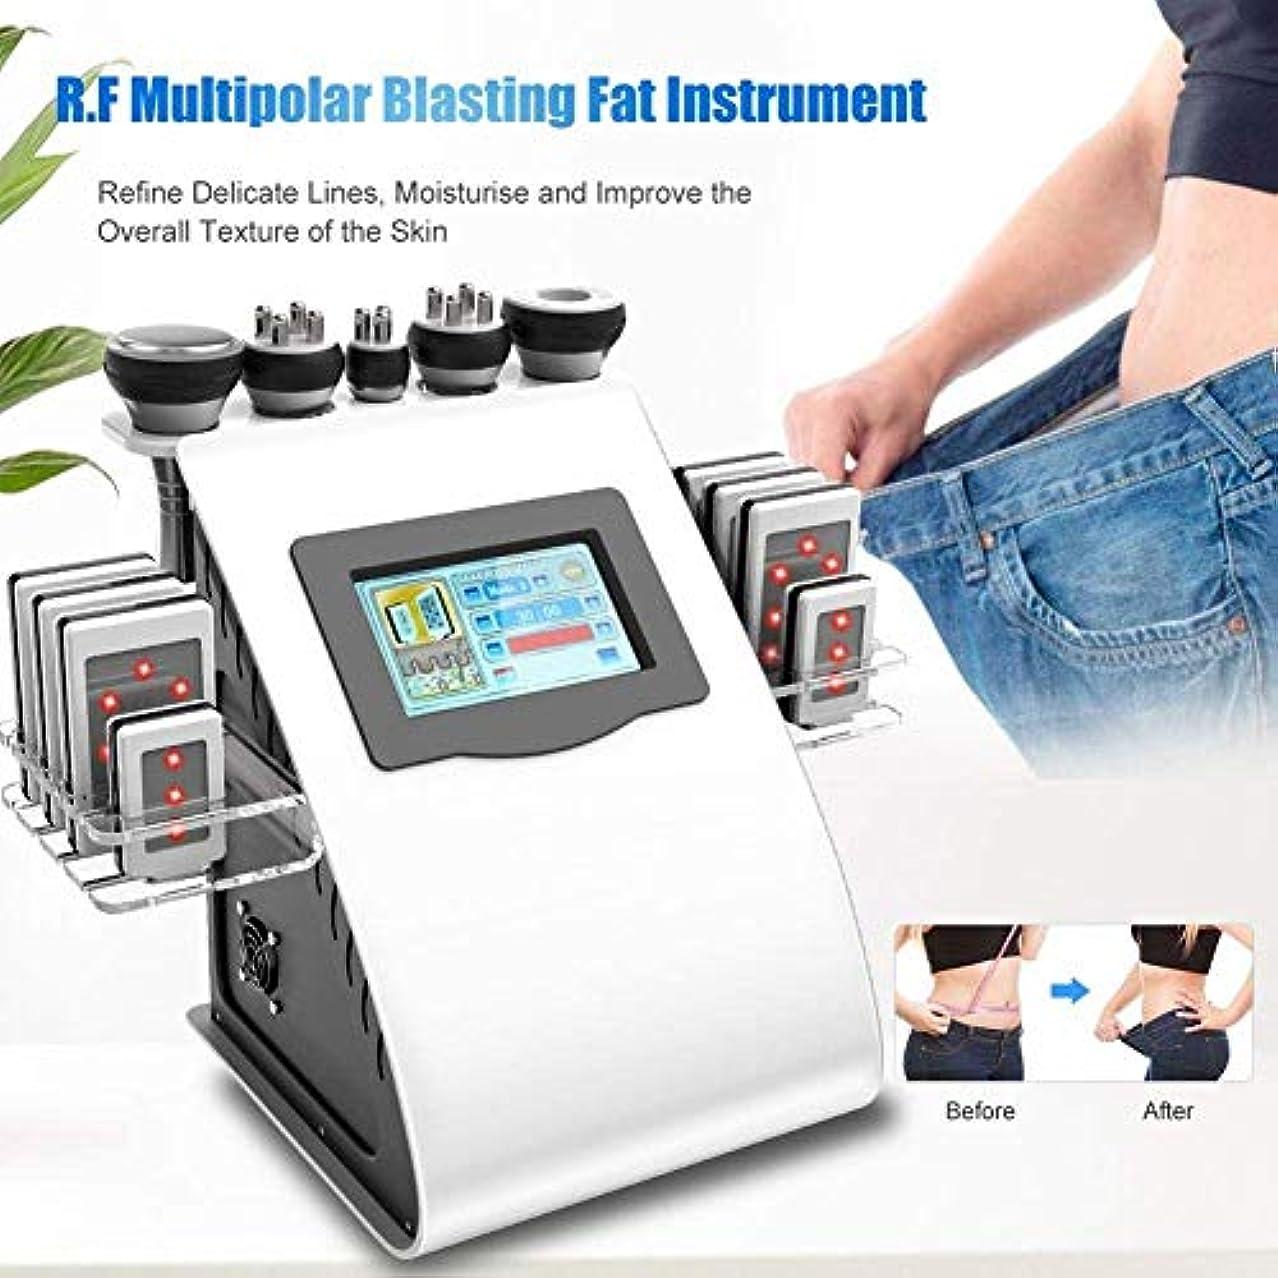 永久厚さ職人5 in 1 ボディシェイピング 脂肪燃焼 機械、 美人 ケア デバイス マッサージャー、 プロ 顔と体 Slim身 処理 デバイス 機械